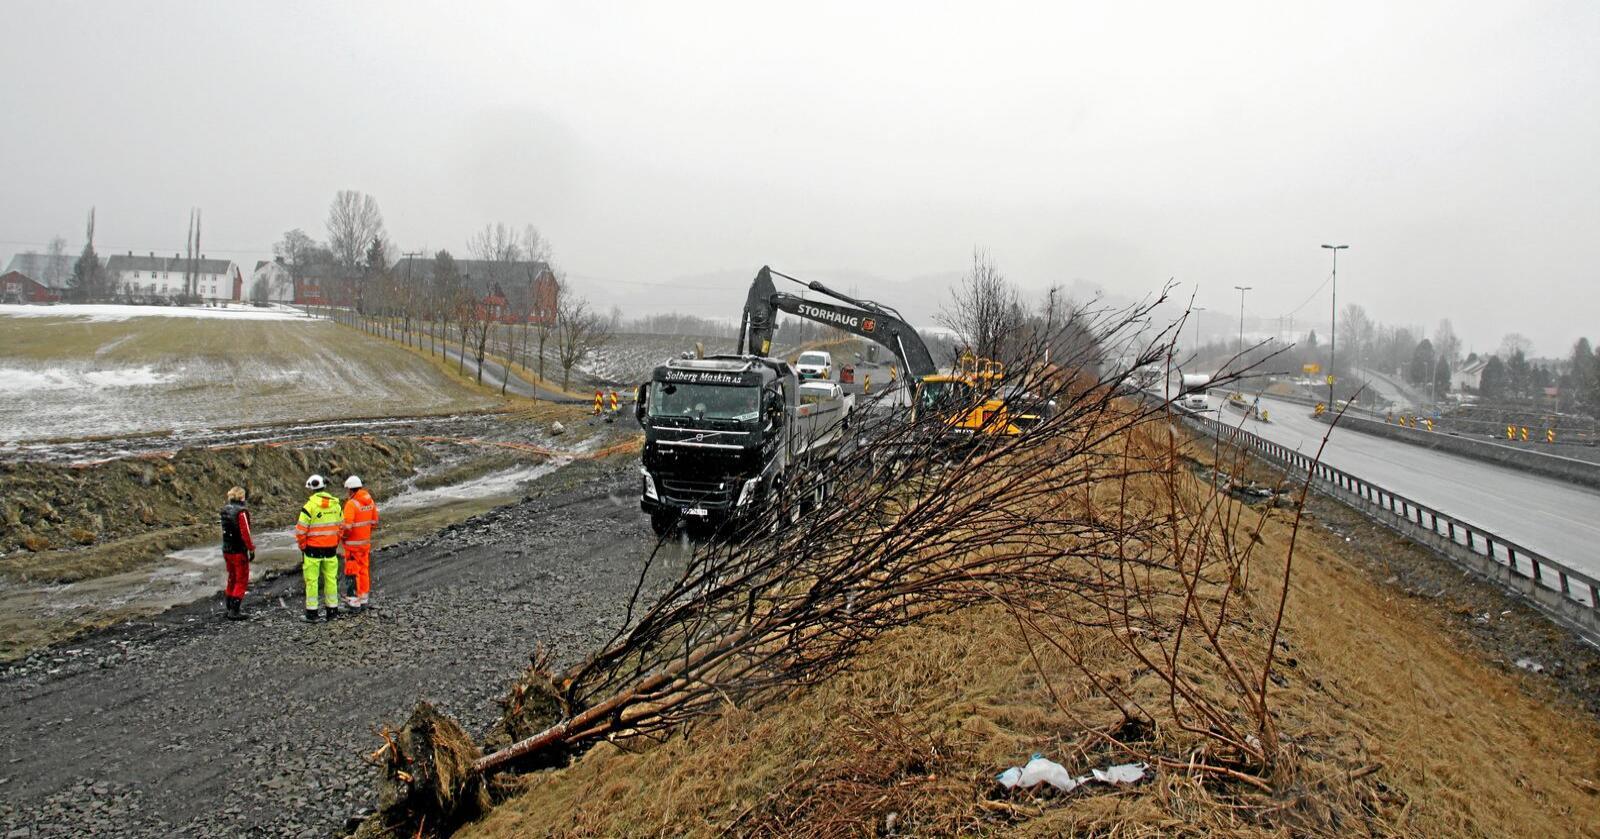 Veiutbygging er blant grunnene til at matjord blir nedbygget. Her fra Melhus i Trøndelag i 2018. Foto: Lars Bilit Hagen